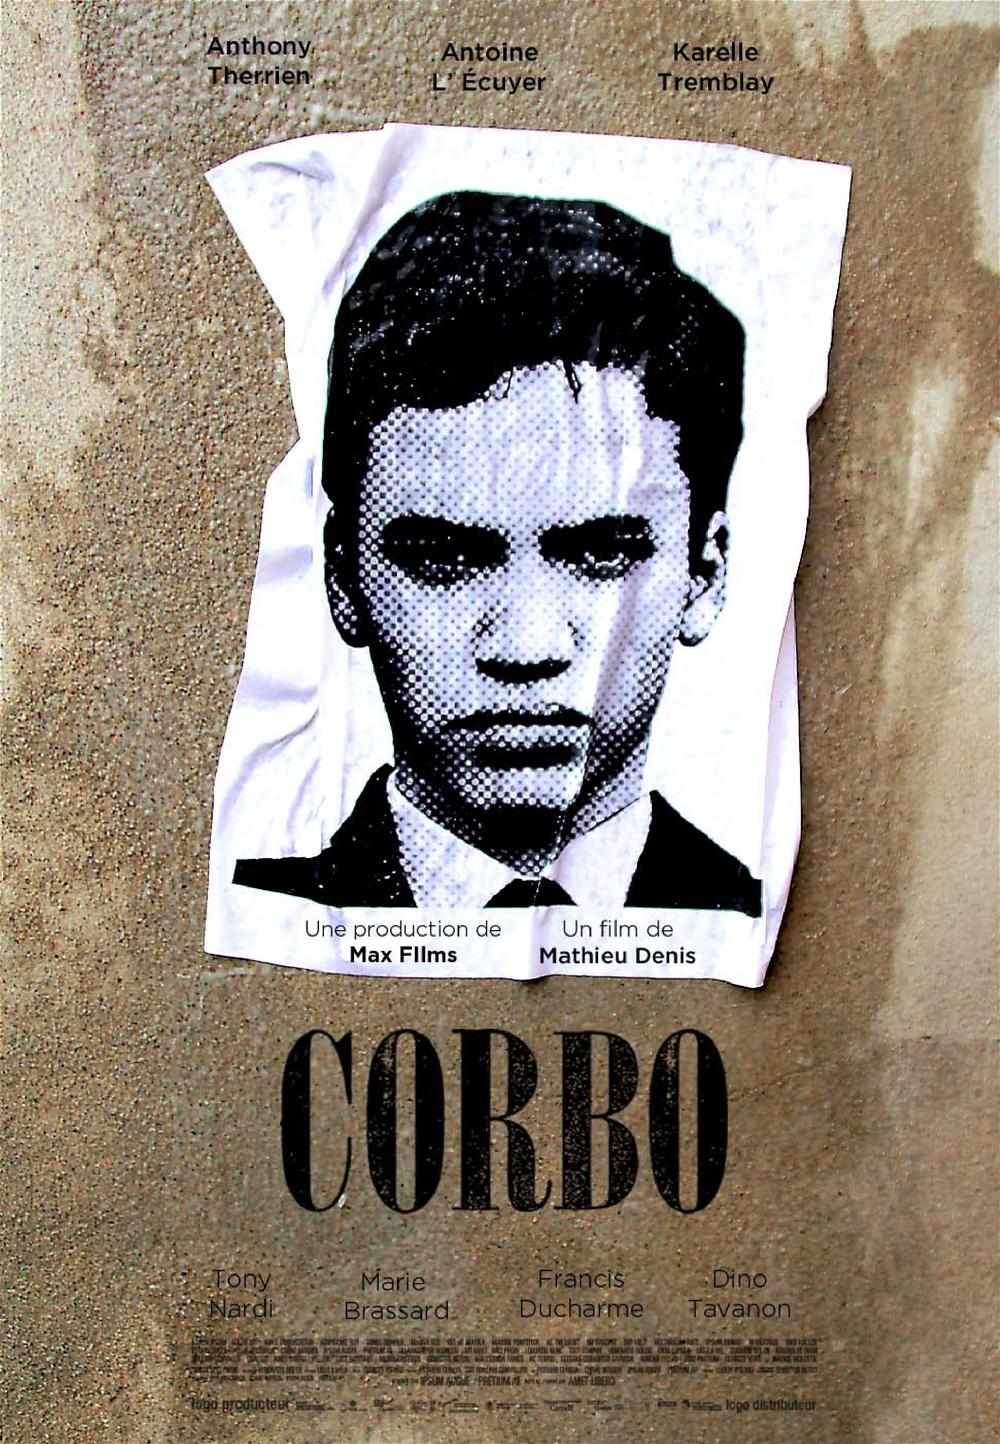 CORBO-Poster-RENZO-27oct_00003.jpg